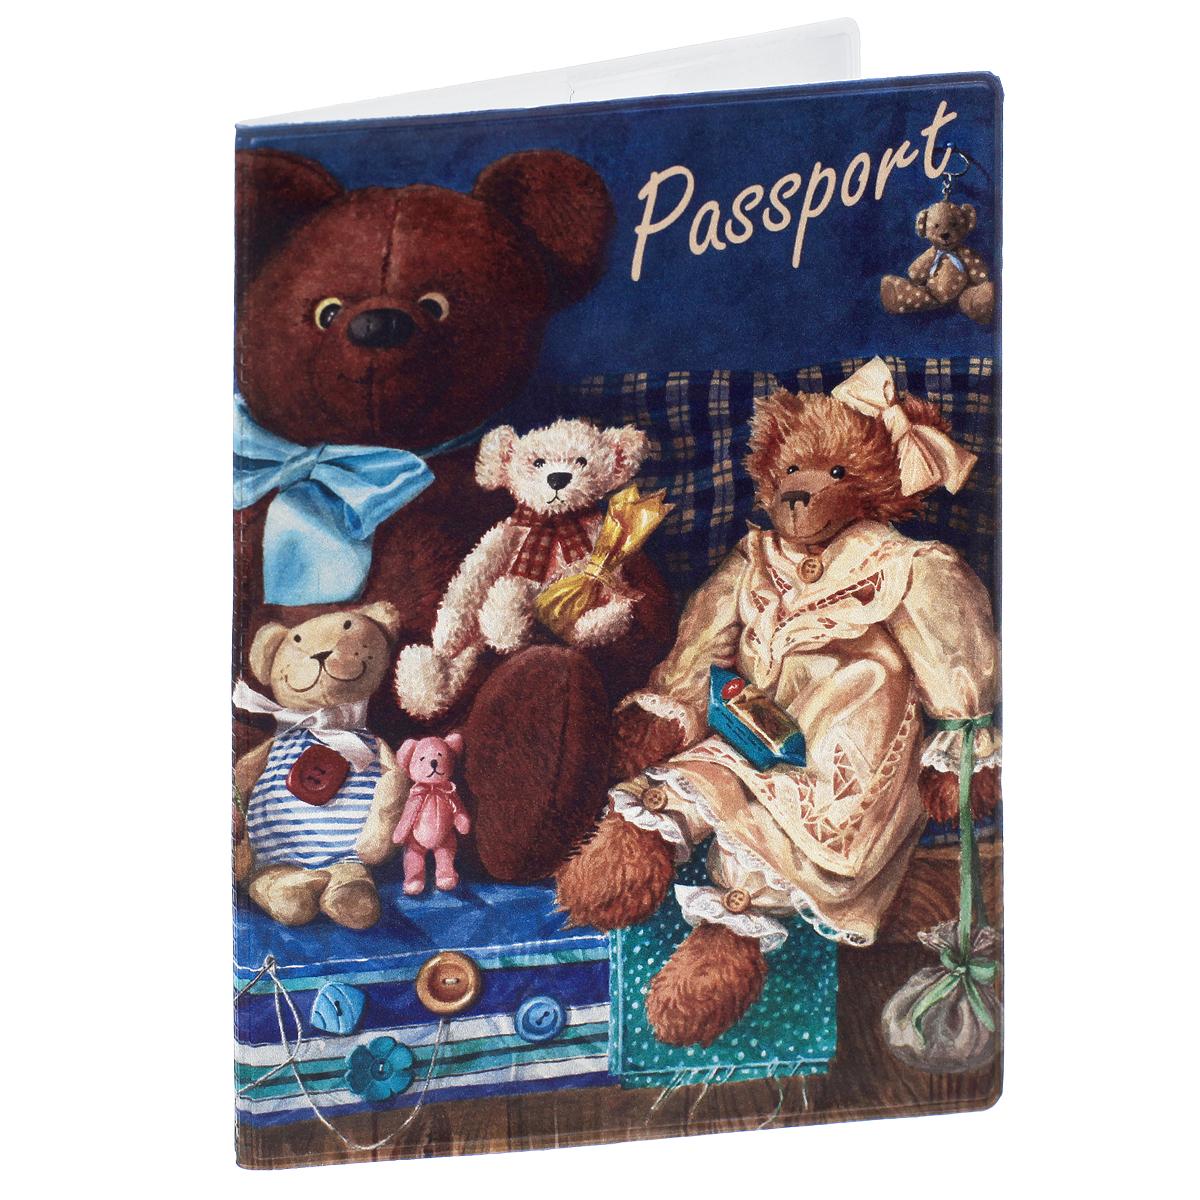 Обложка для паспорта Медведи, цвет: коричневый. 3567811379833-BLKОбложка для паспорта Медведи не только поможет сохранить внешний вид ваших документов и защитить их от повреждений, но и станет стильным аксессуаром, идеально подходящим вашему образу. Обложка выполнена из поливинилхлорида и оформлена оригинальным изображением плюшевых медведей. Внутри имеет два вертикальных кармана из прозрачного пластика. Такая обложка поможет вам подчеркнуть свою индивидуальность и неповторимость!